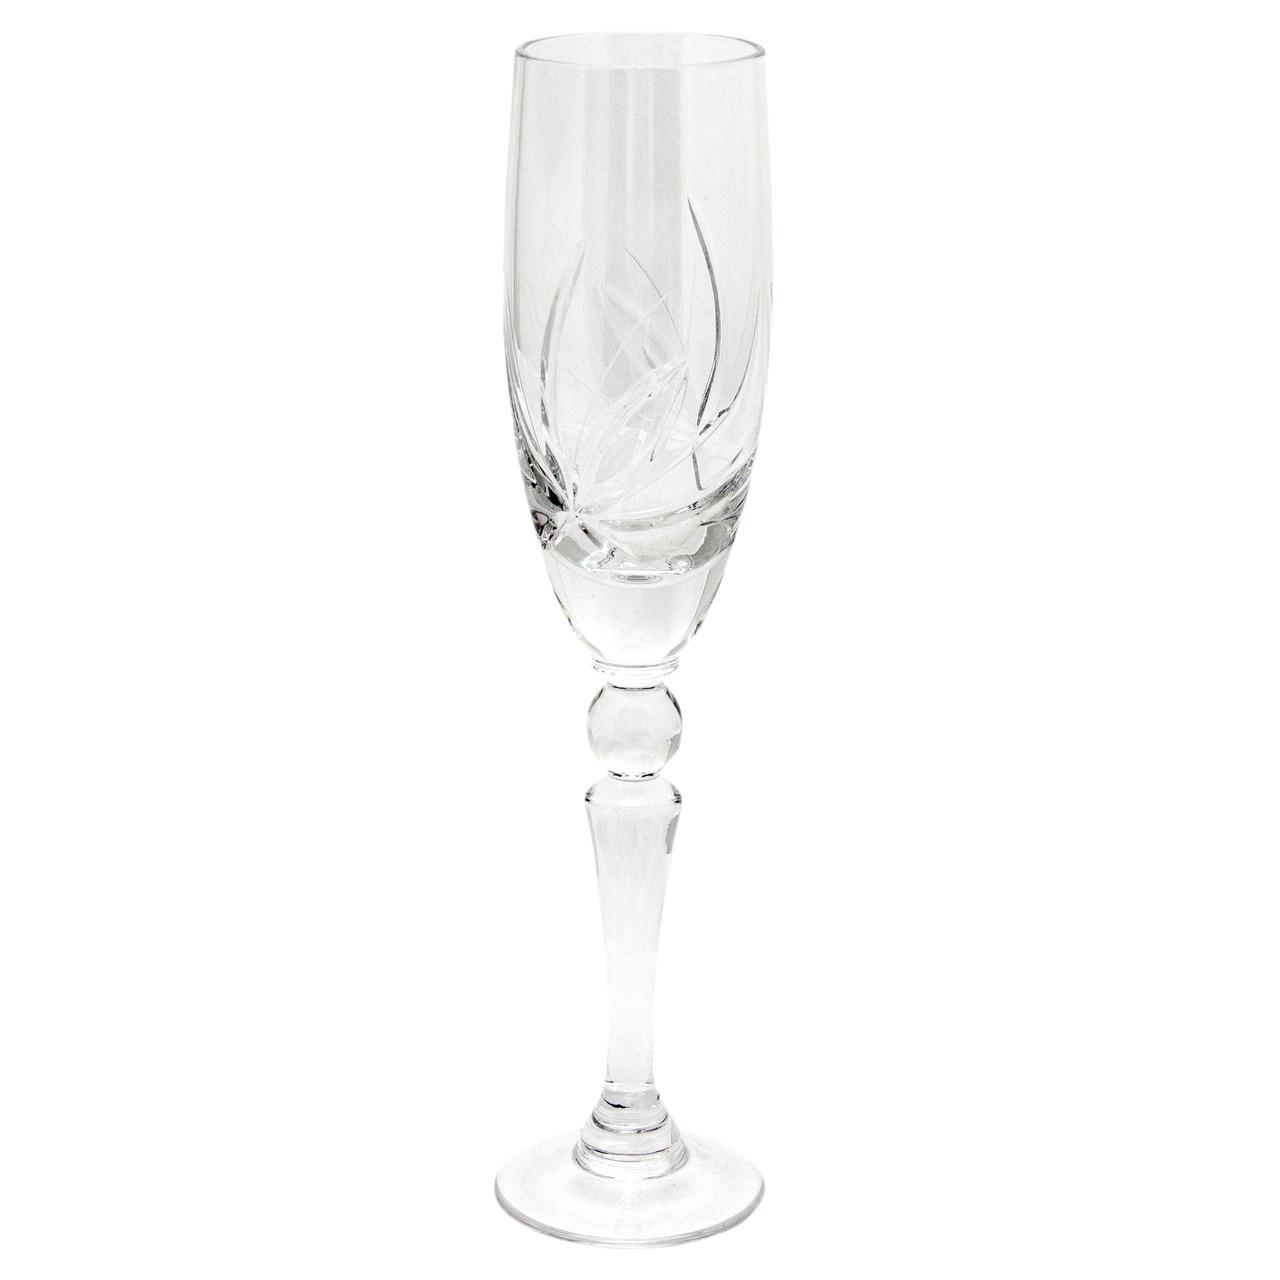 Кришталевий келих для шампанського, візерунок - квітка, об`єм -140 мл, висота - 24 см (6404/1-2)